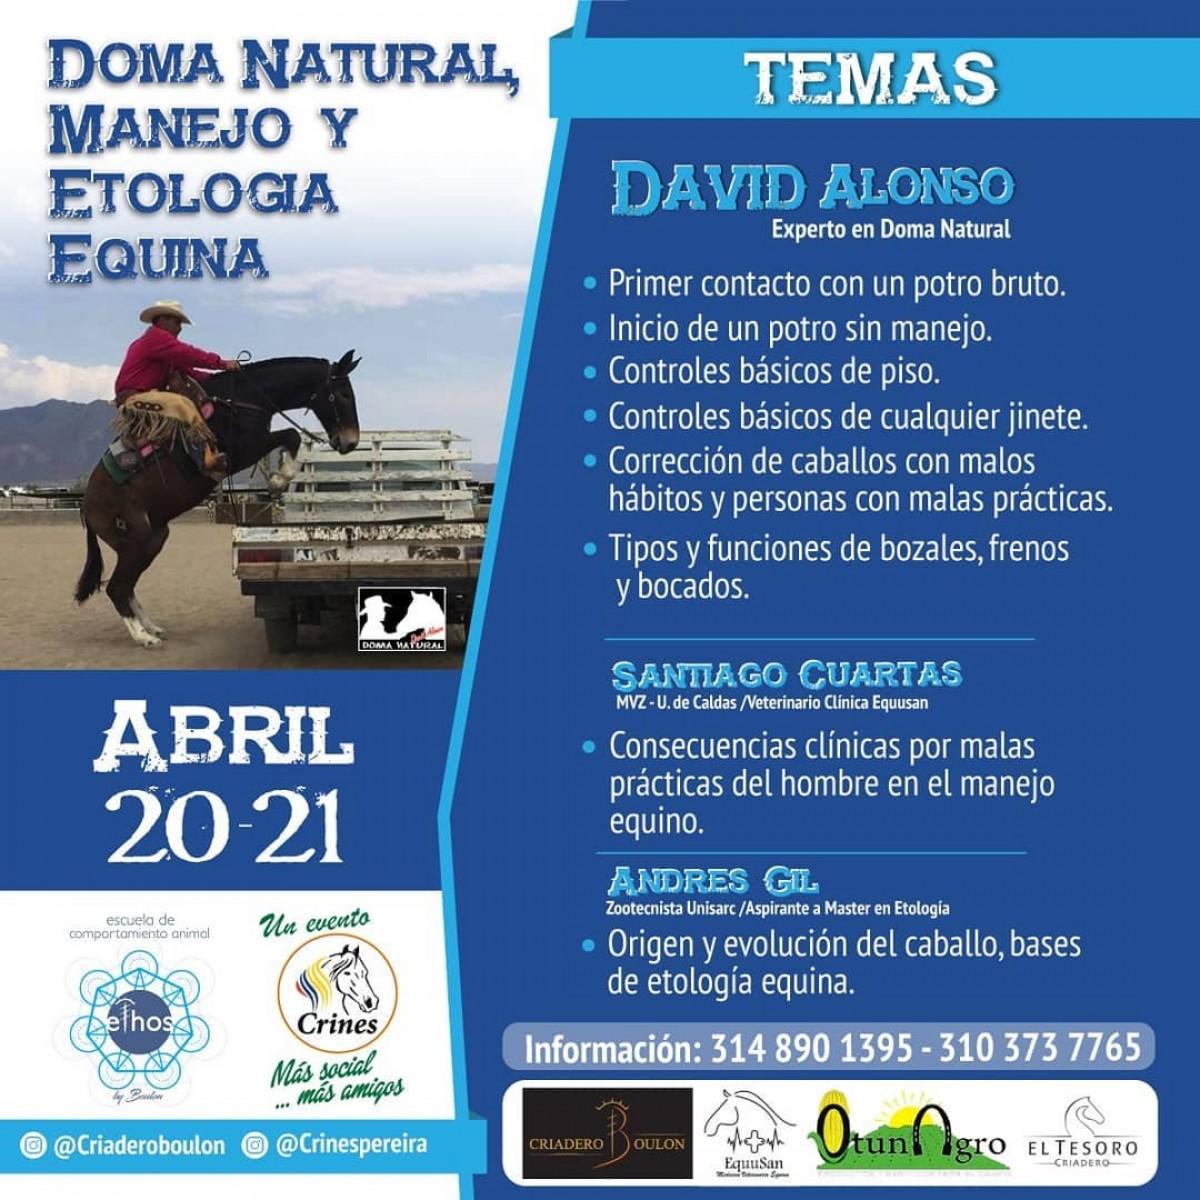 Doma Natural, Manejo y Etología Equina 20 y 21 de Abril